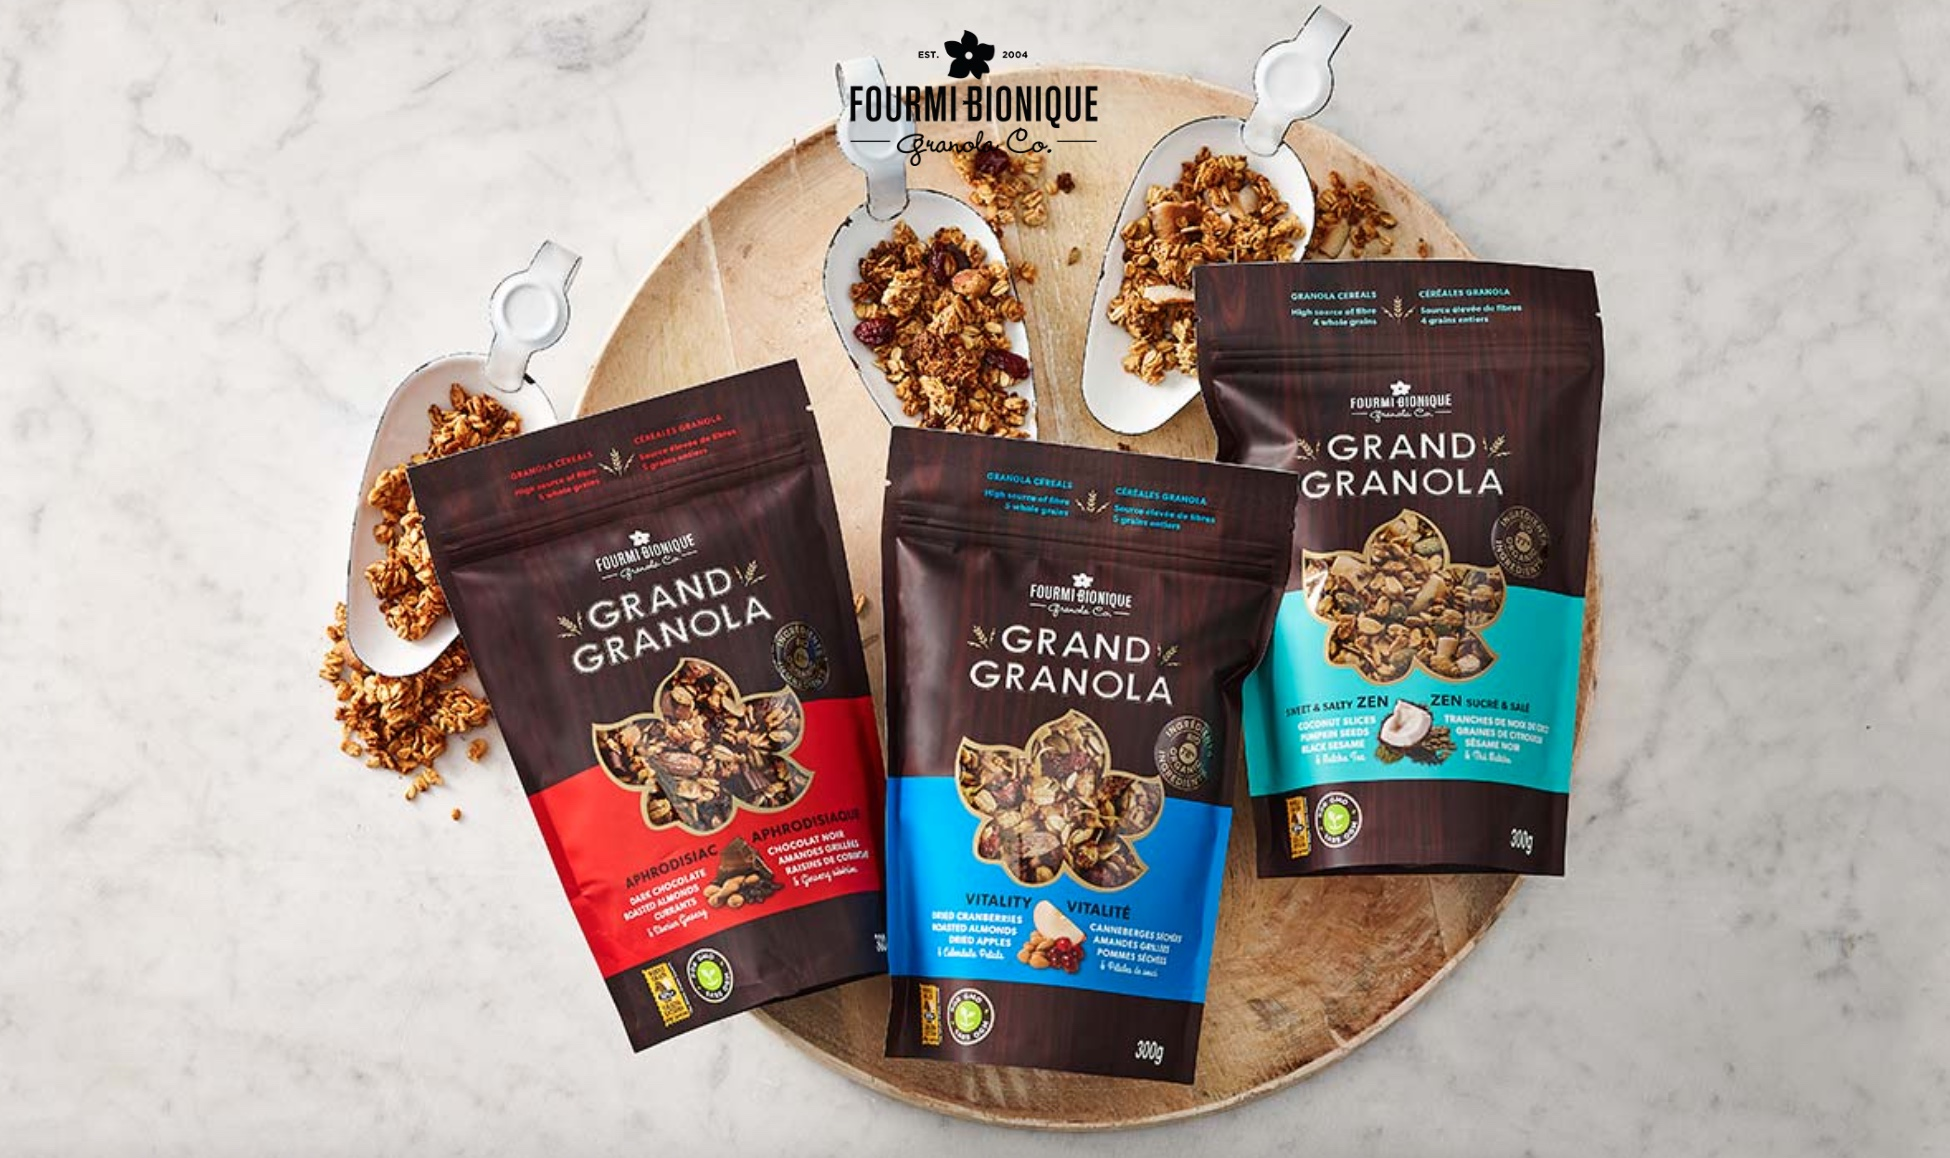 Capture decran 2021 04 08 a 21.18.18 - Fourmi Bionique : le granola premium canadien débarque en France pour un petit déjeuner qui dépote